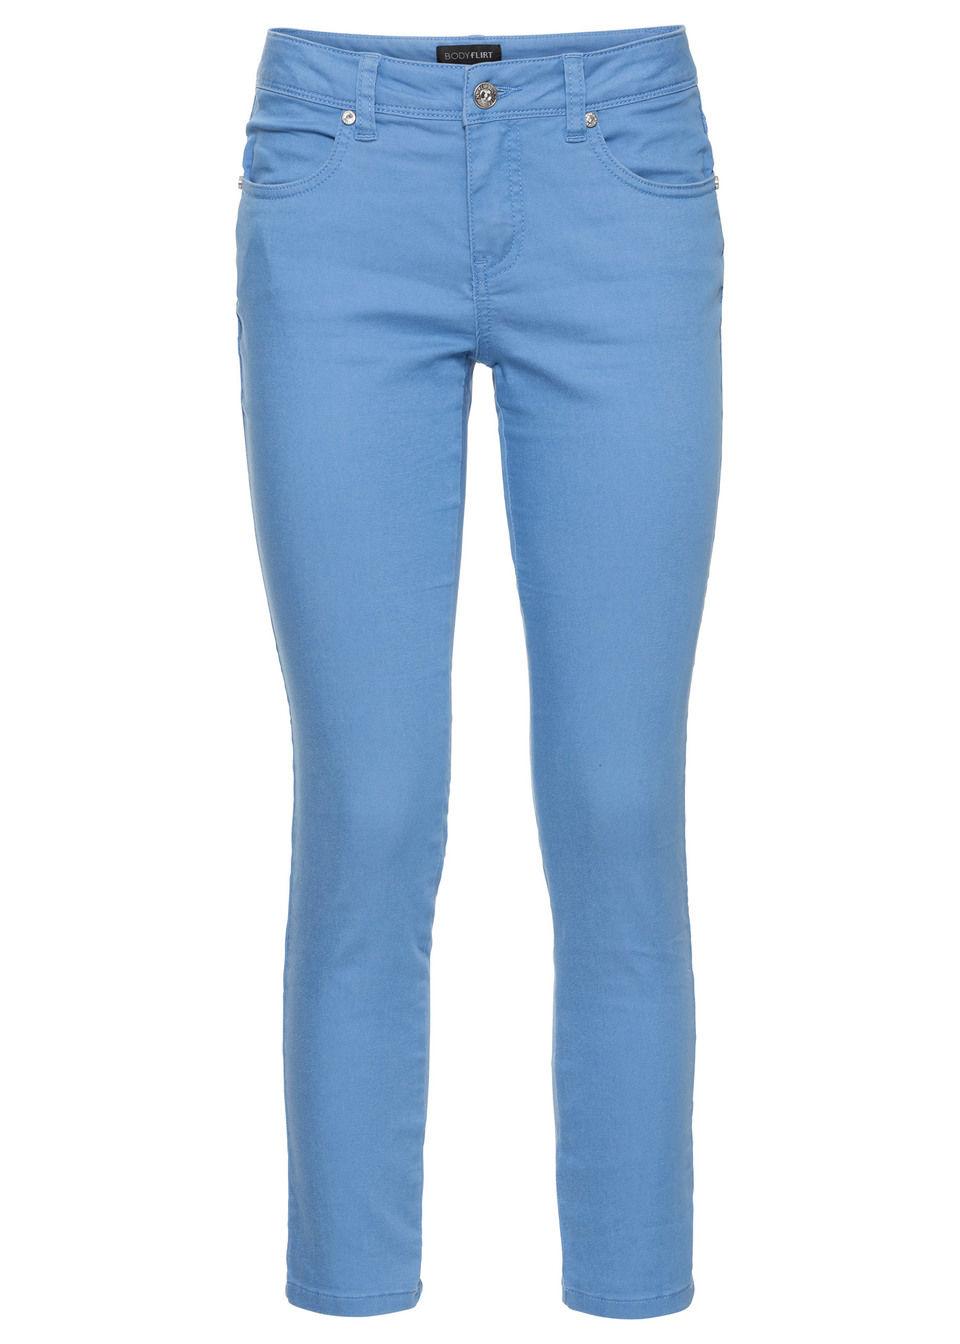 Spodnie ze stretchem 7/8 bonprix niebieski dżins